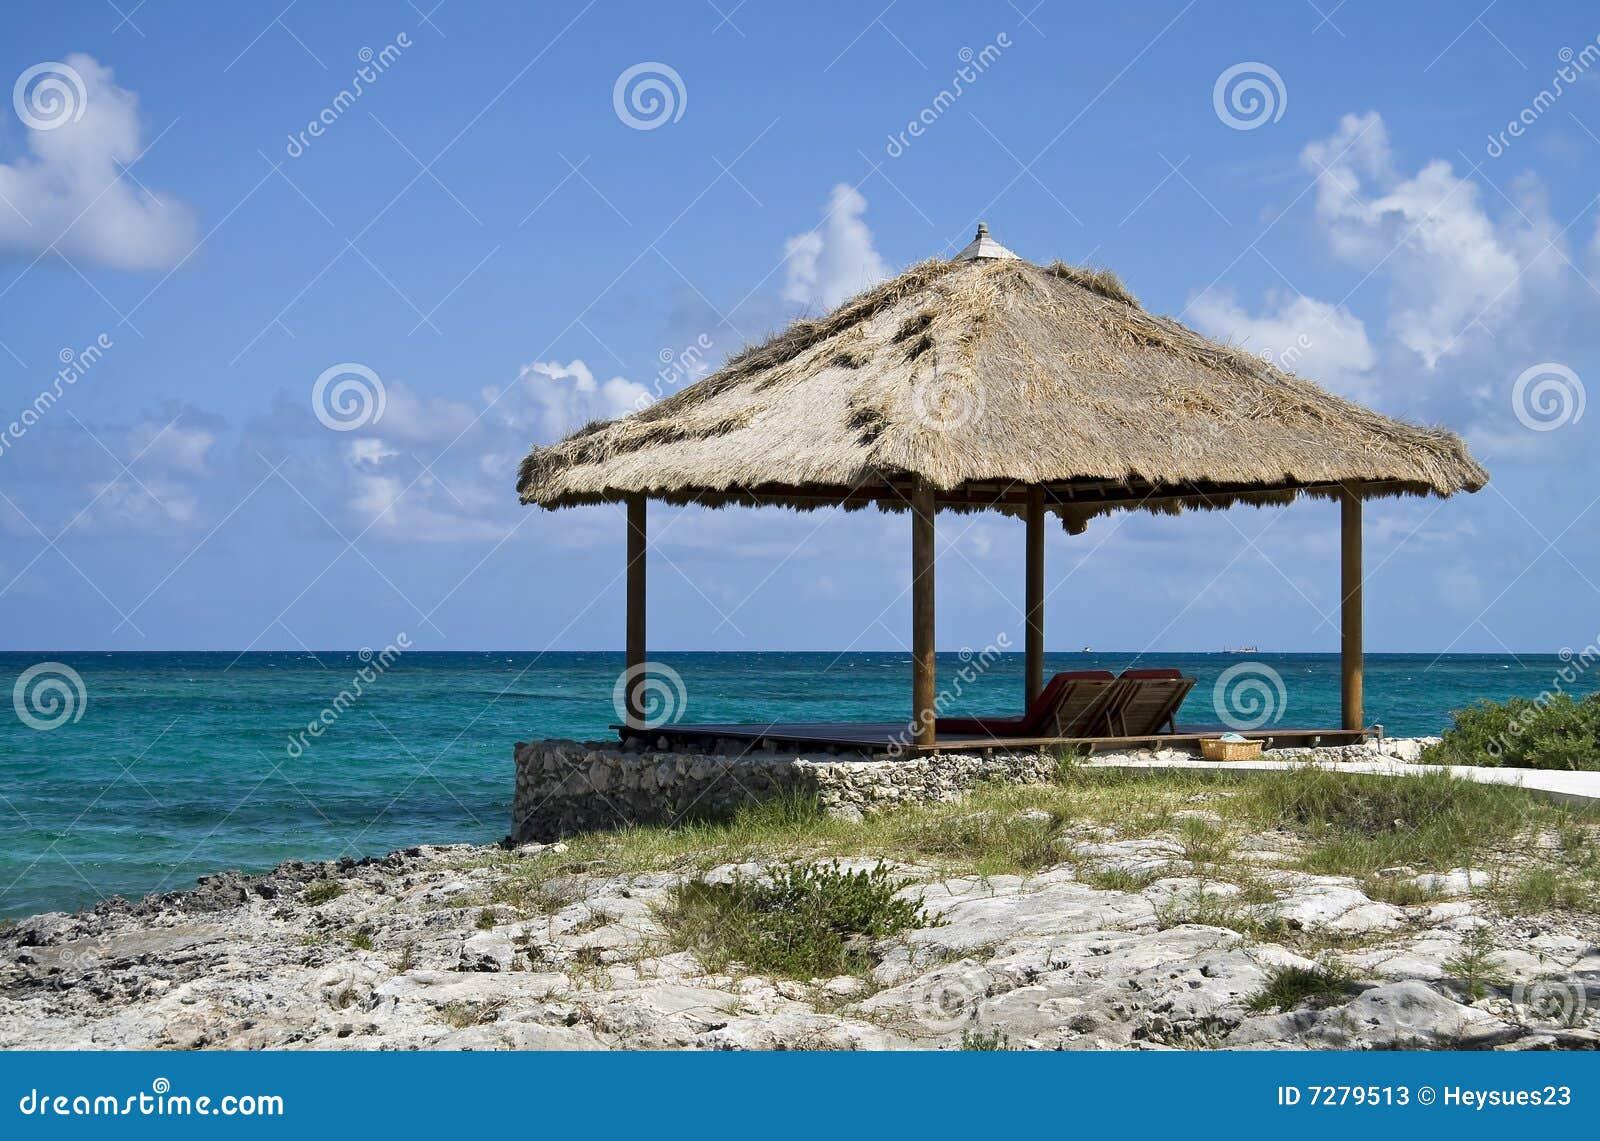 Tropical Beach Huts: Tropical Beach Hut Stock Photos